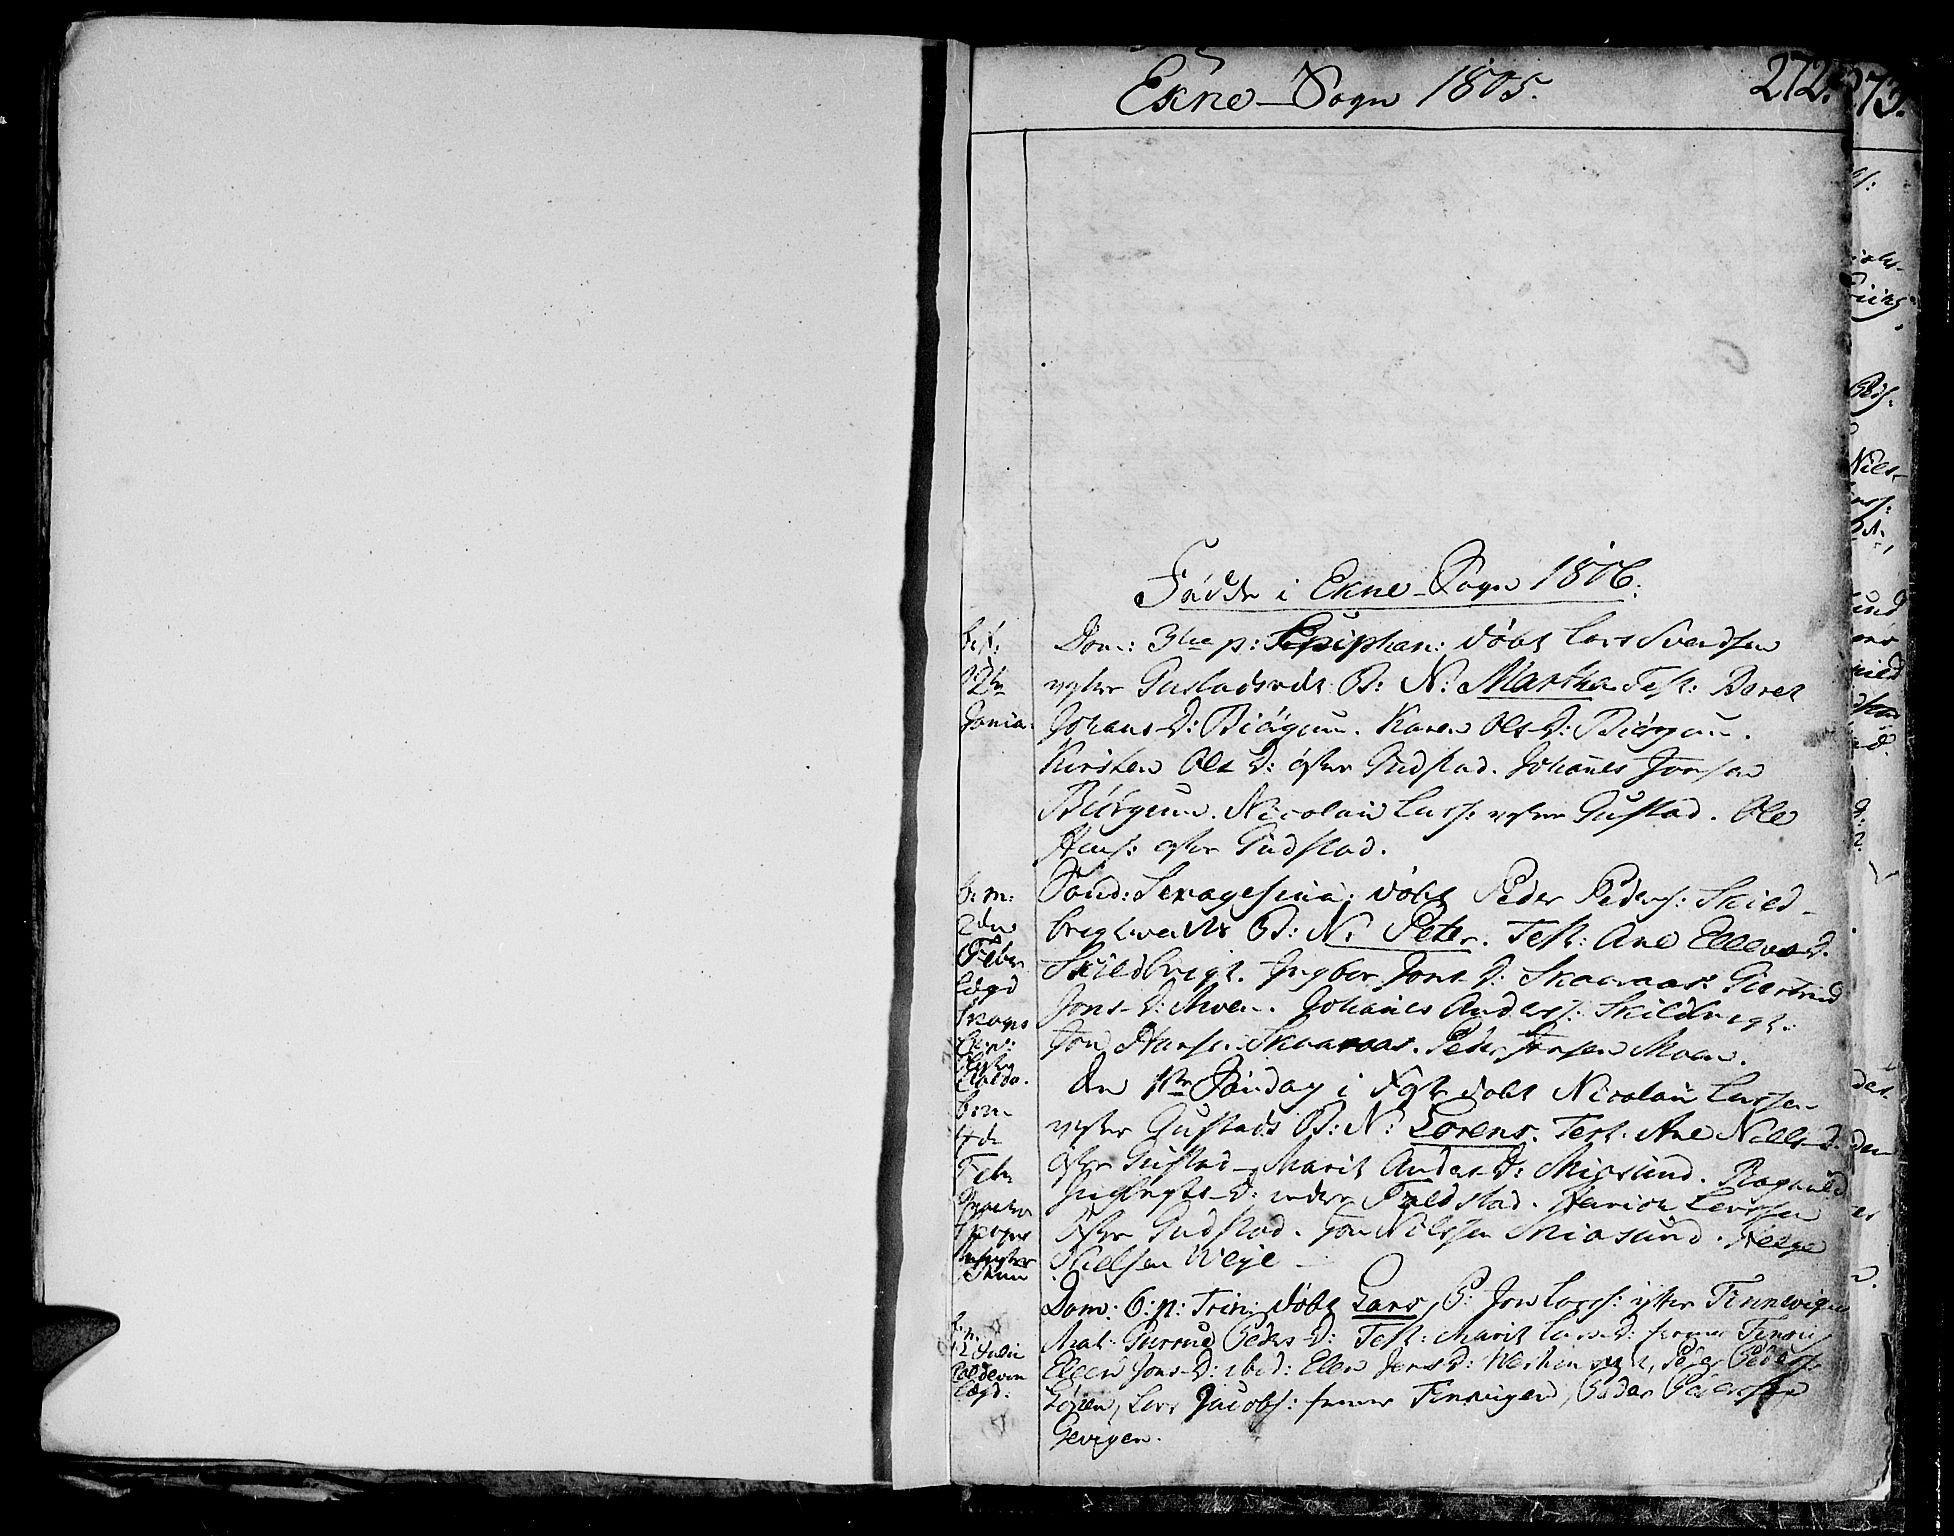 SAT, Ministerialprotokoller, klokkerbøker og fødselsregistre - Nord-Trøndelag, 717/L0143: Ministerialbok nr. 717A02 /2, 1806-1809, s. 272